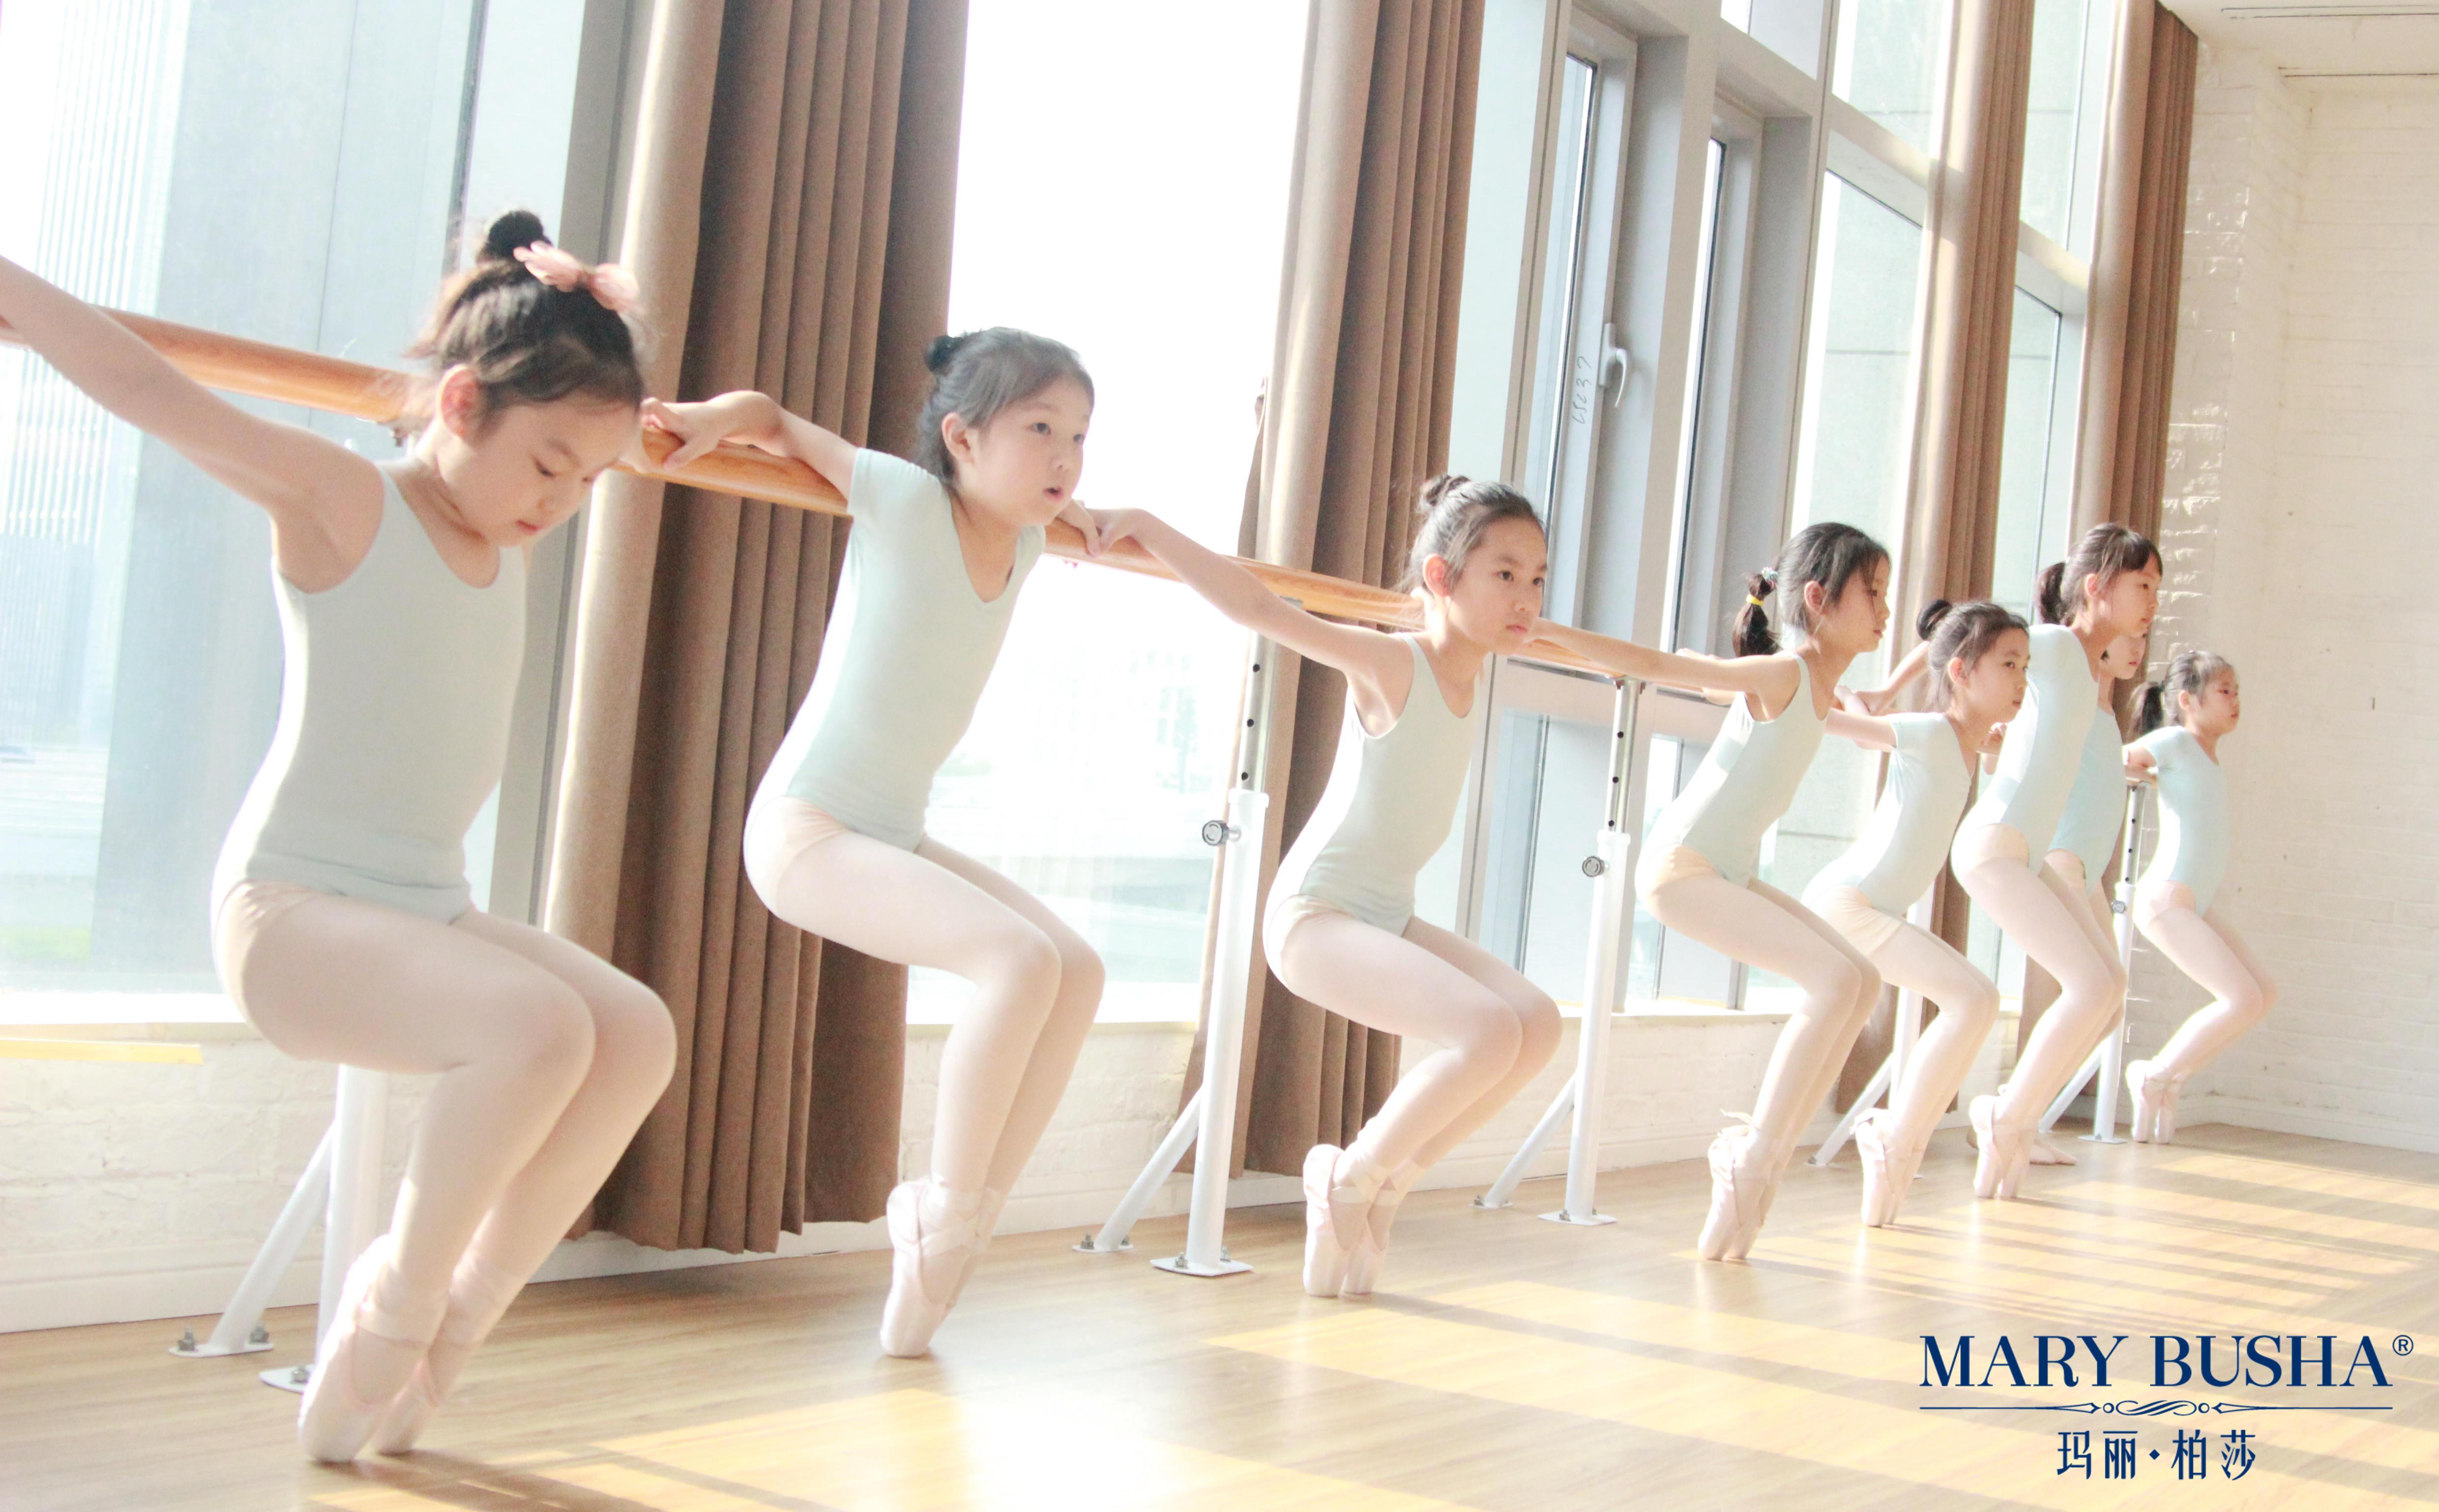 芭蕾培训时把杆训练应注意哪些问题